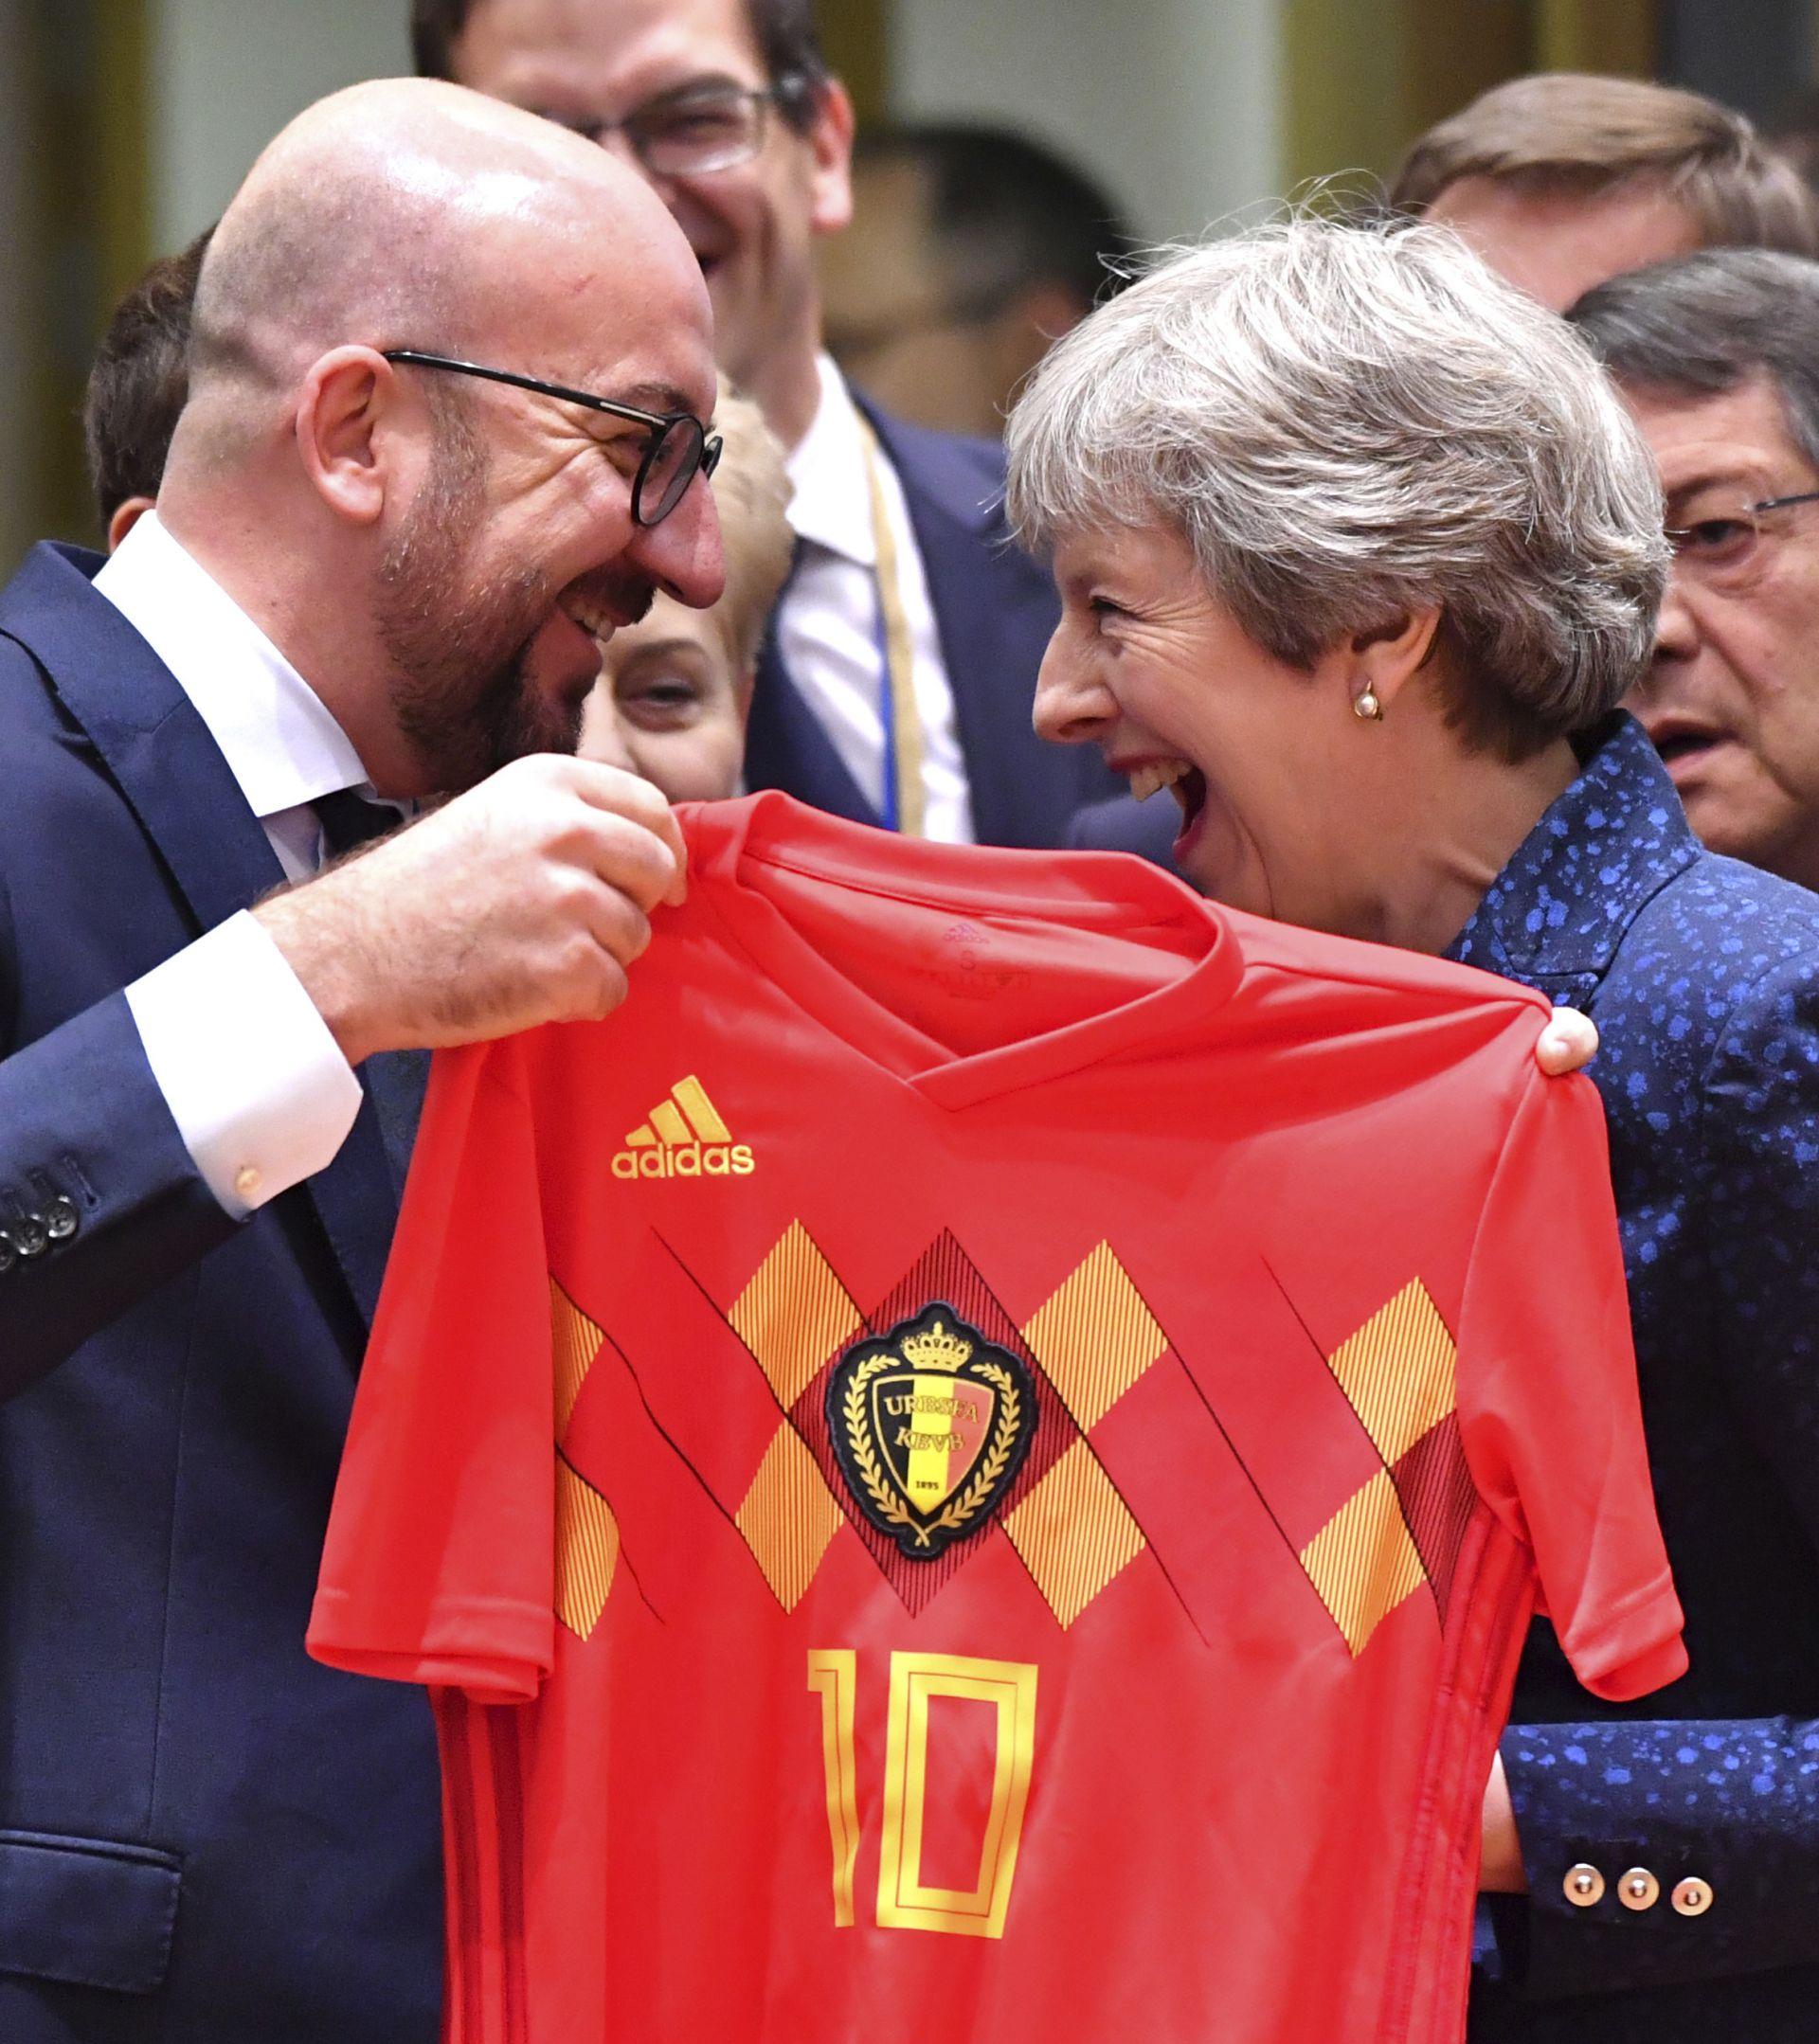 как двамата премиери се смеят, докато Мишел вади фланелка с номер 10 на капитана на Белгия Еден Азар